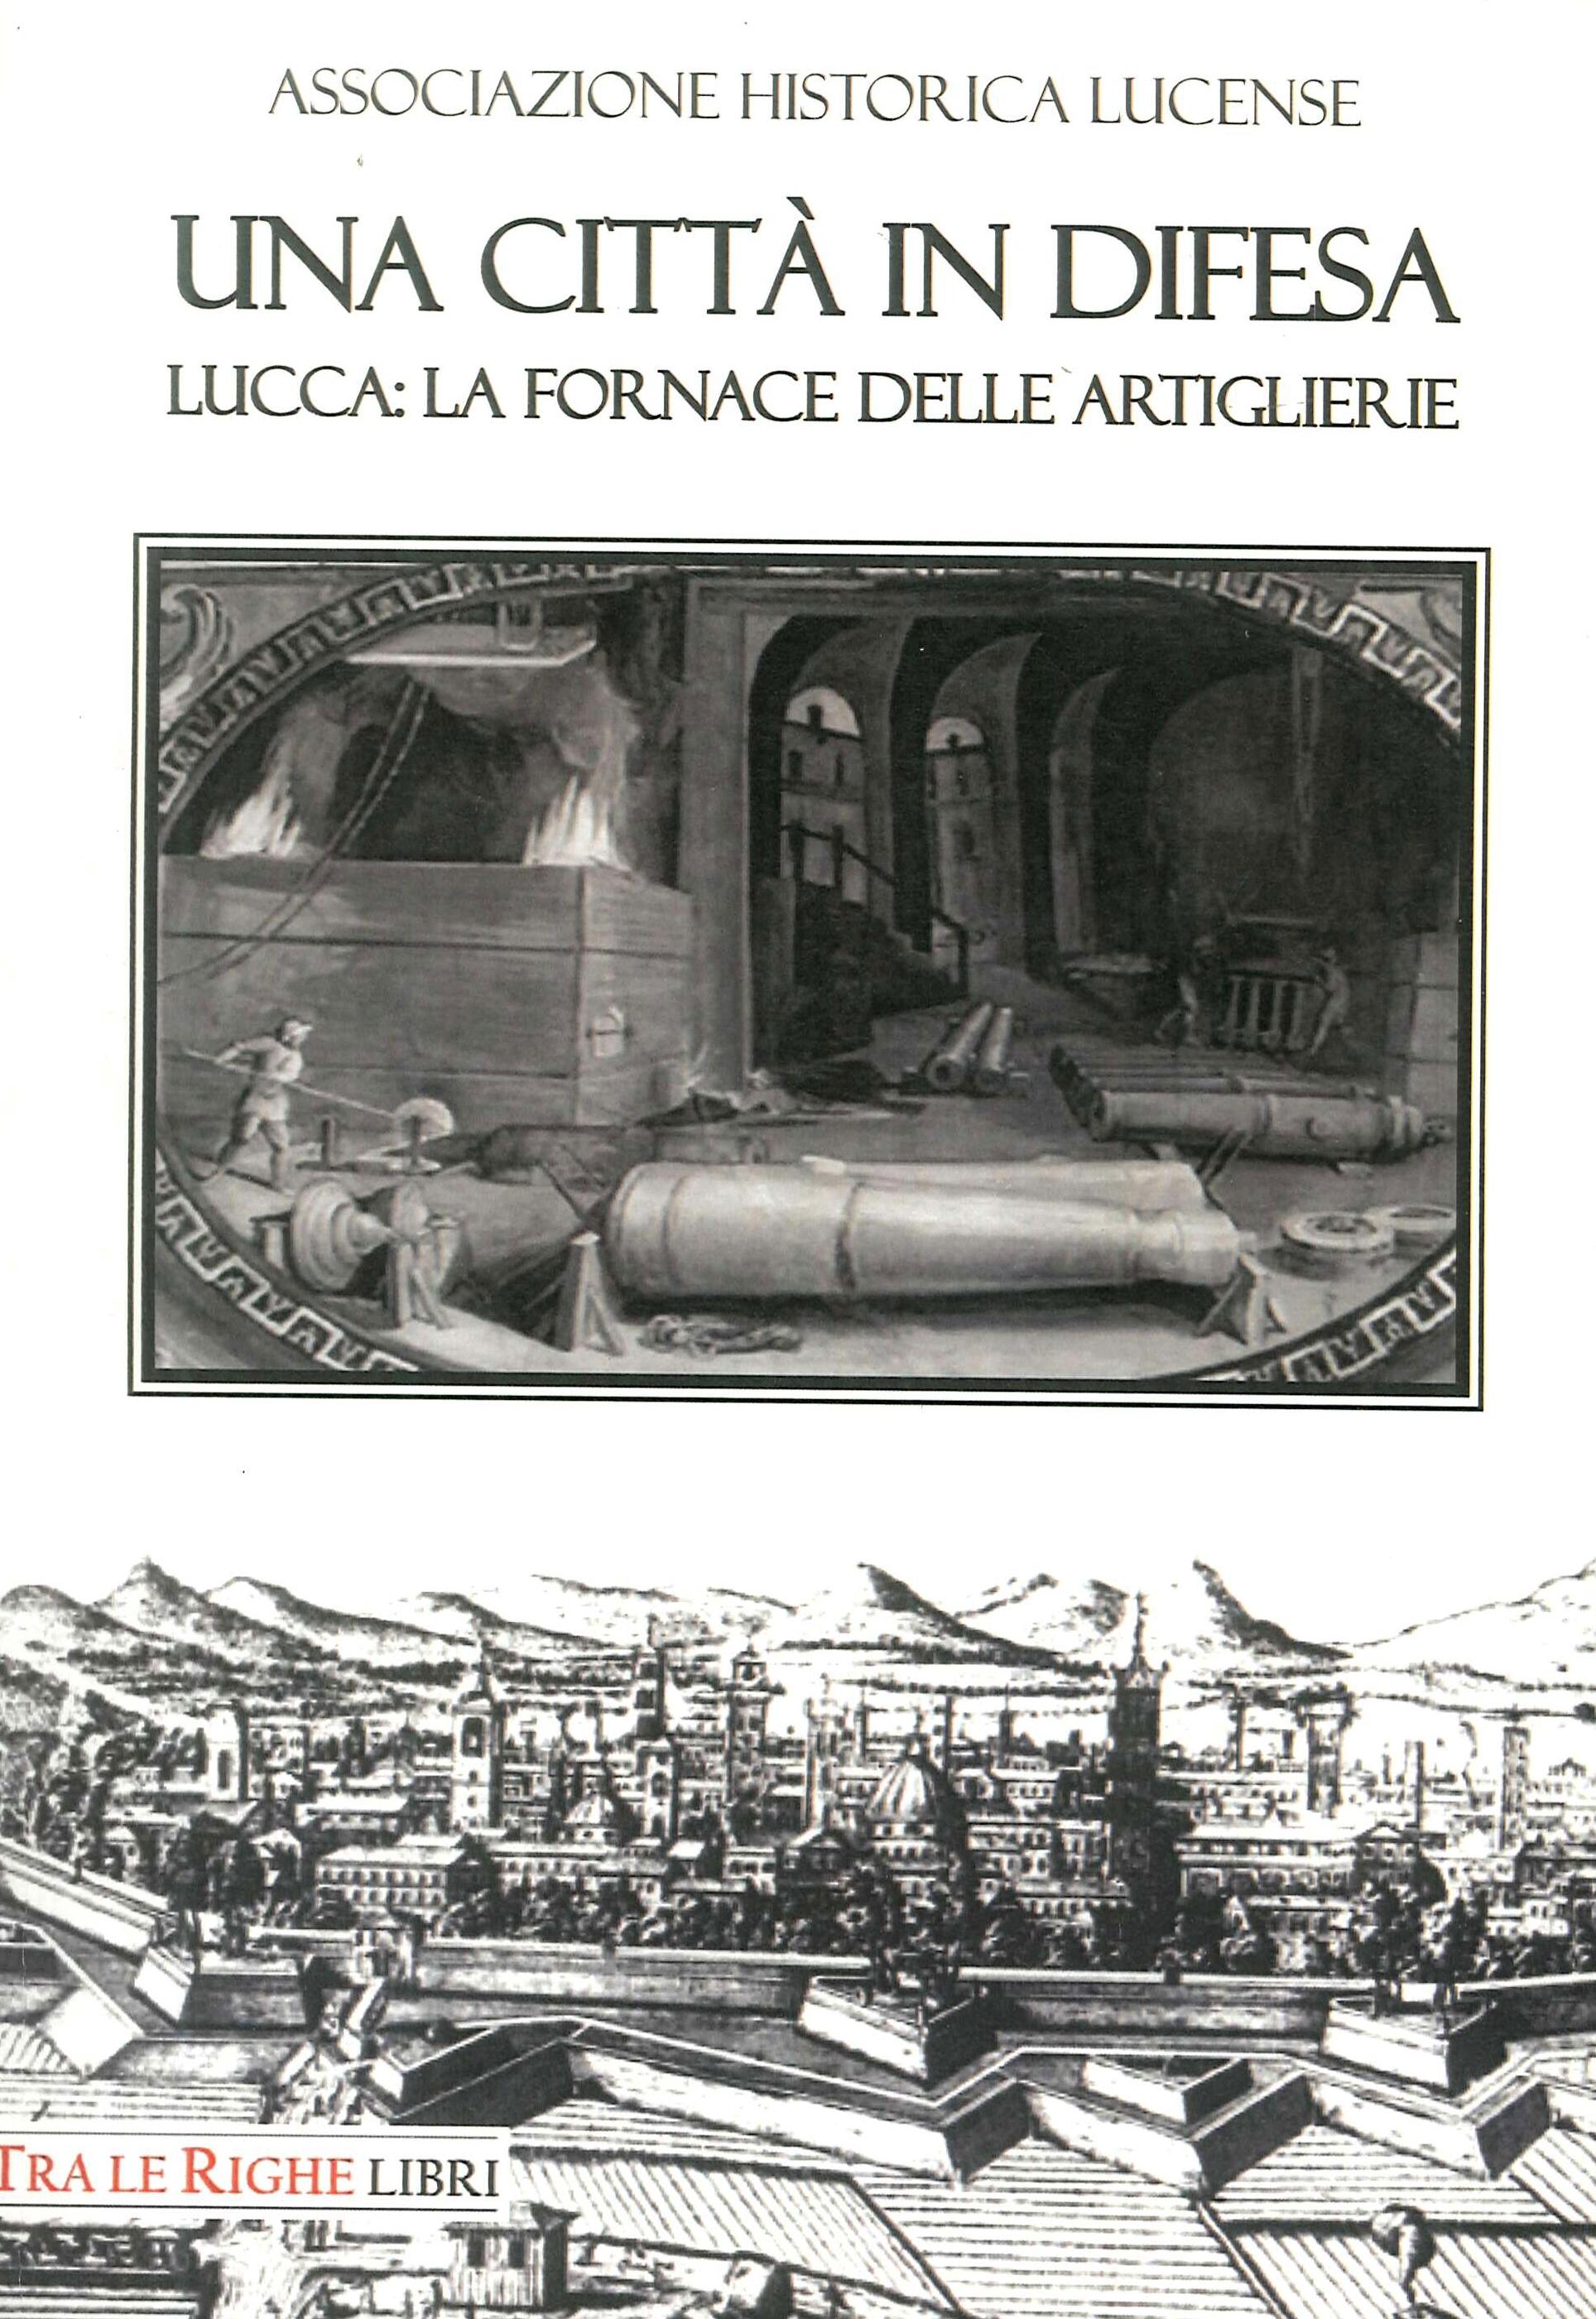 Una città in difesa. Lucca: la fornace delle artiglierie